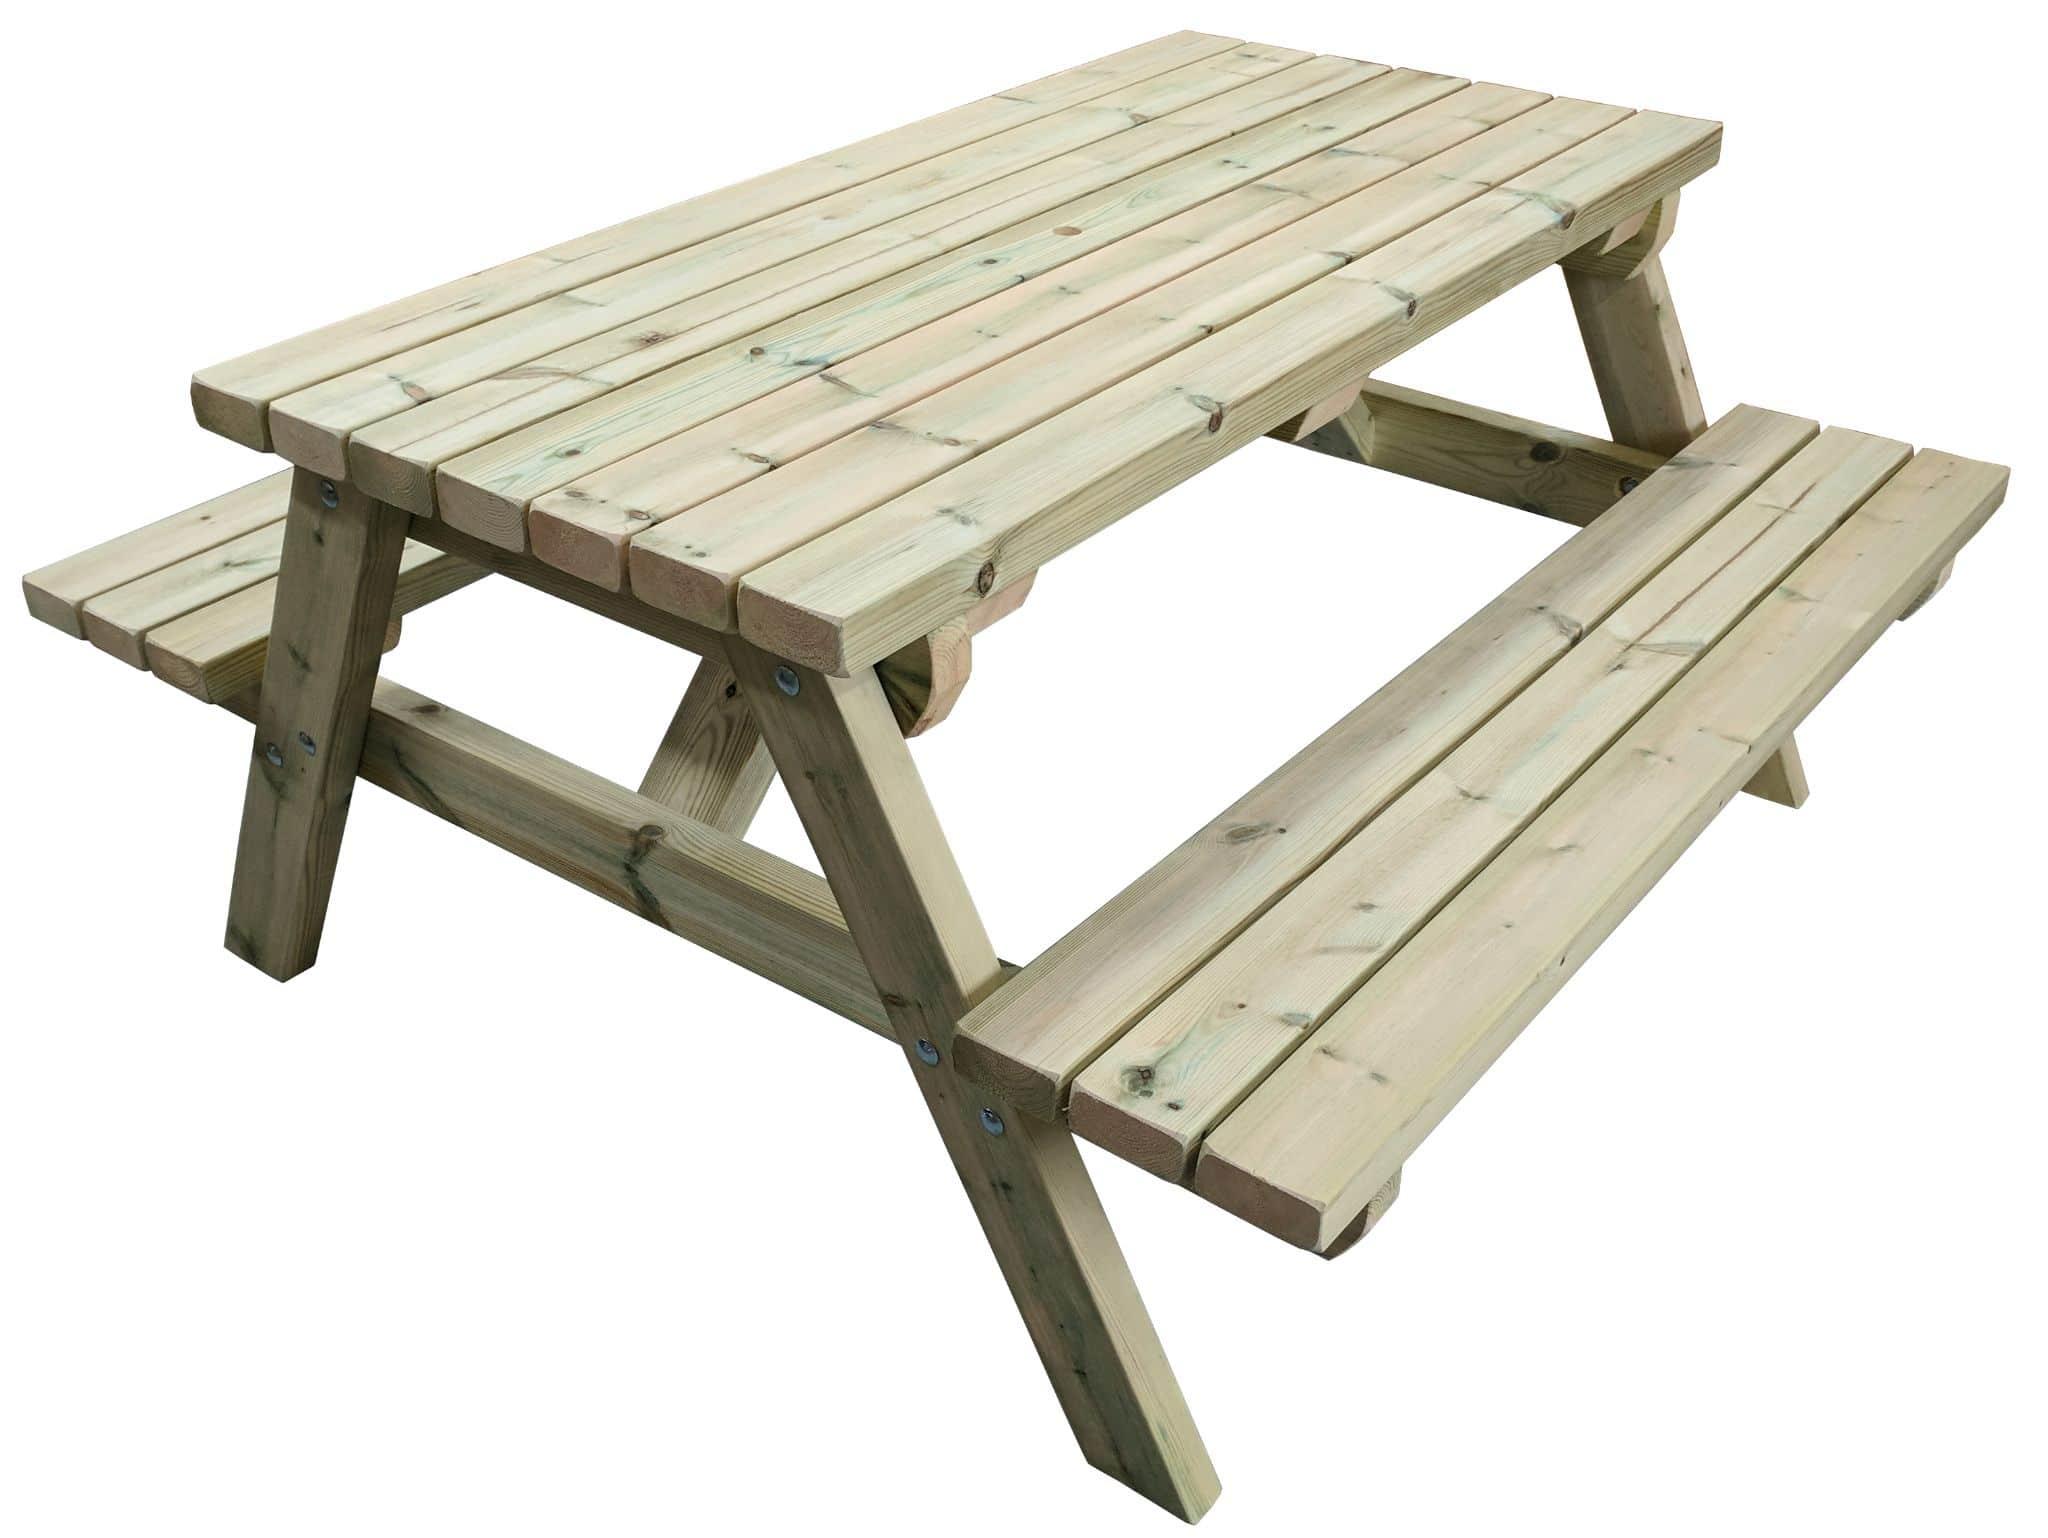 Una mesa de picnic de diseño de bastidor de madera sobre un fondo blanco.